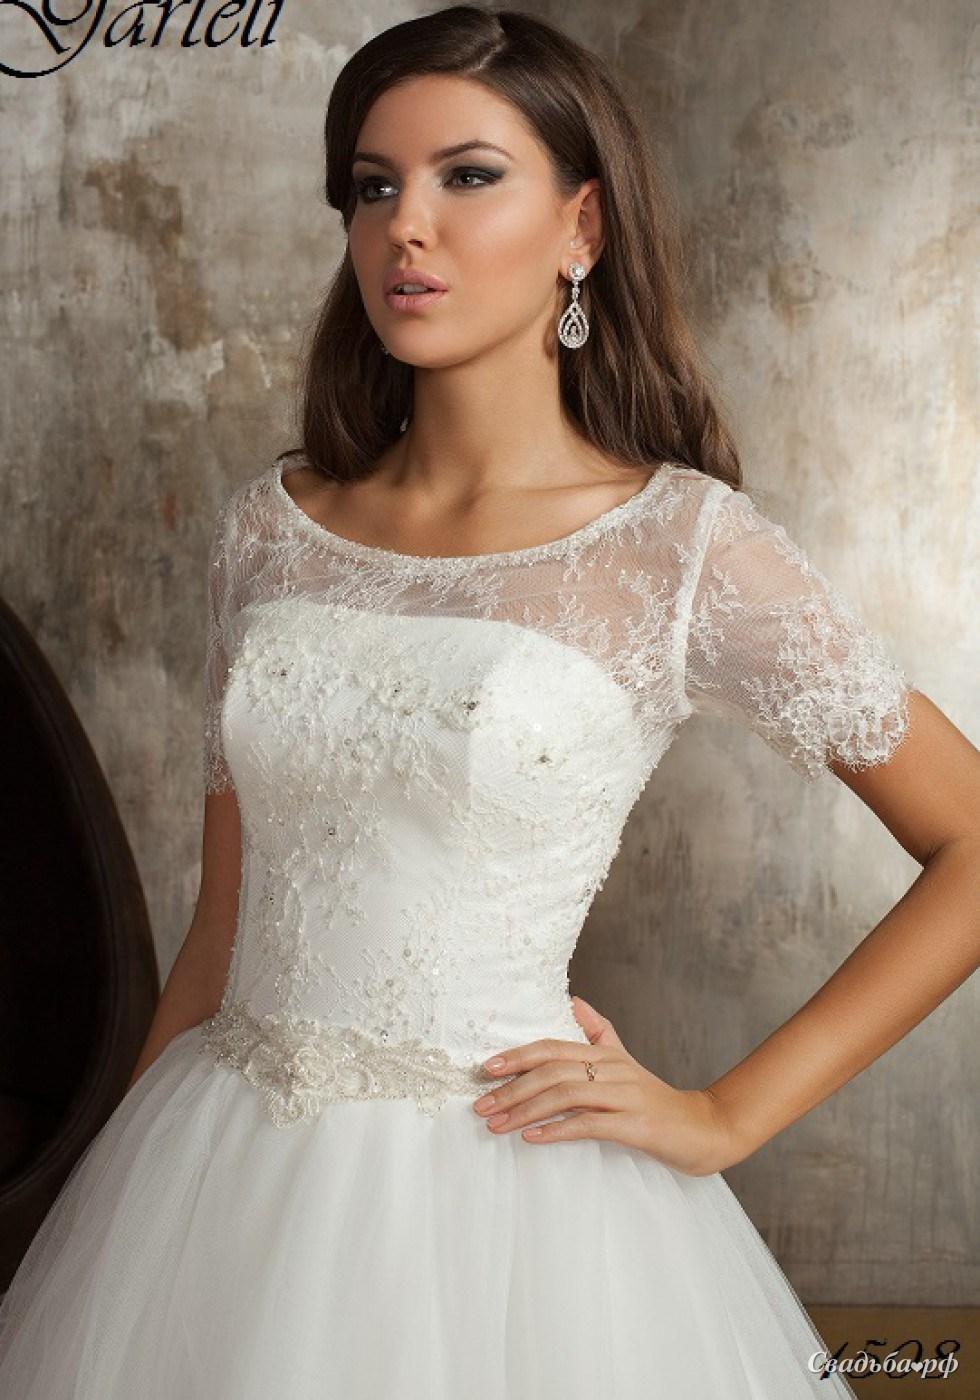 Купить свадебное платье 1508-2-М599 (Россия-Франция, цвета: белый